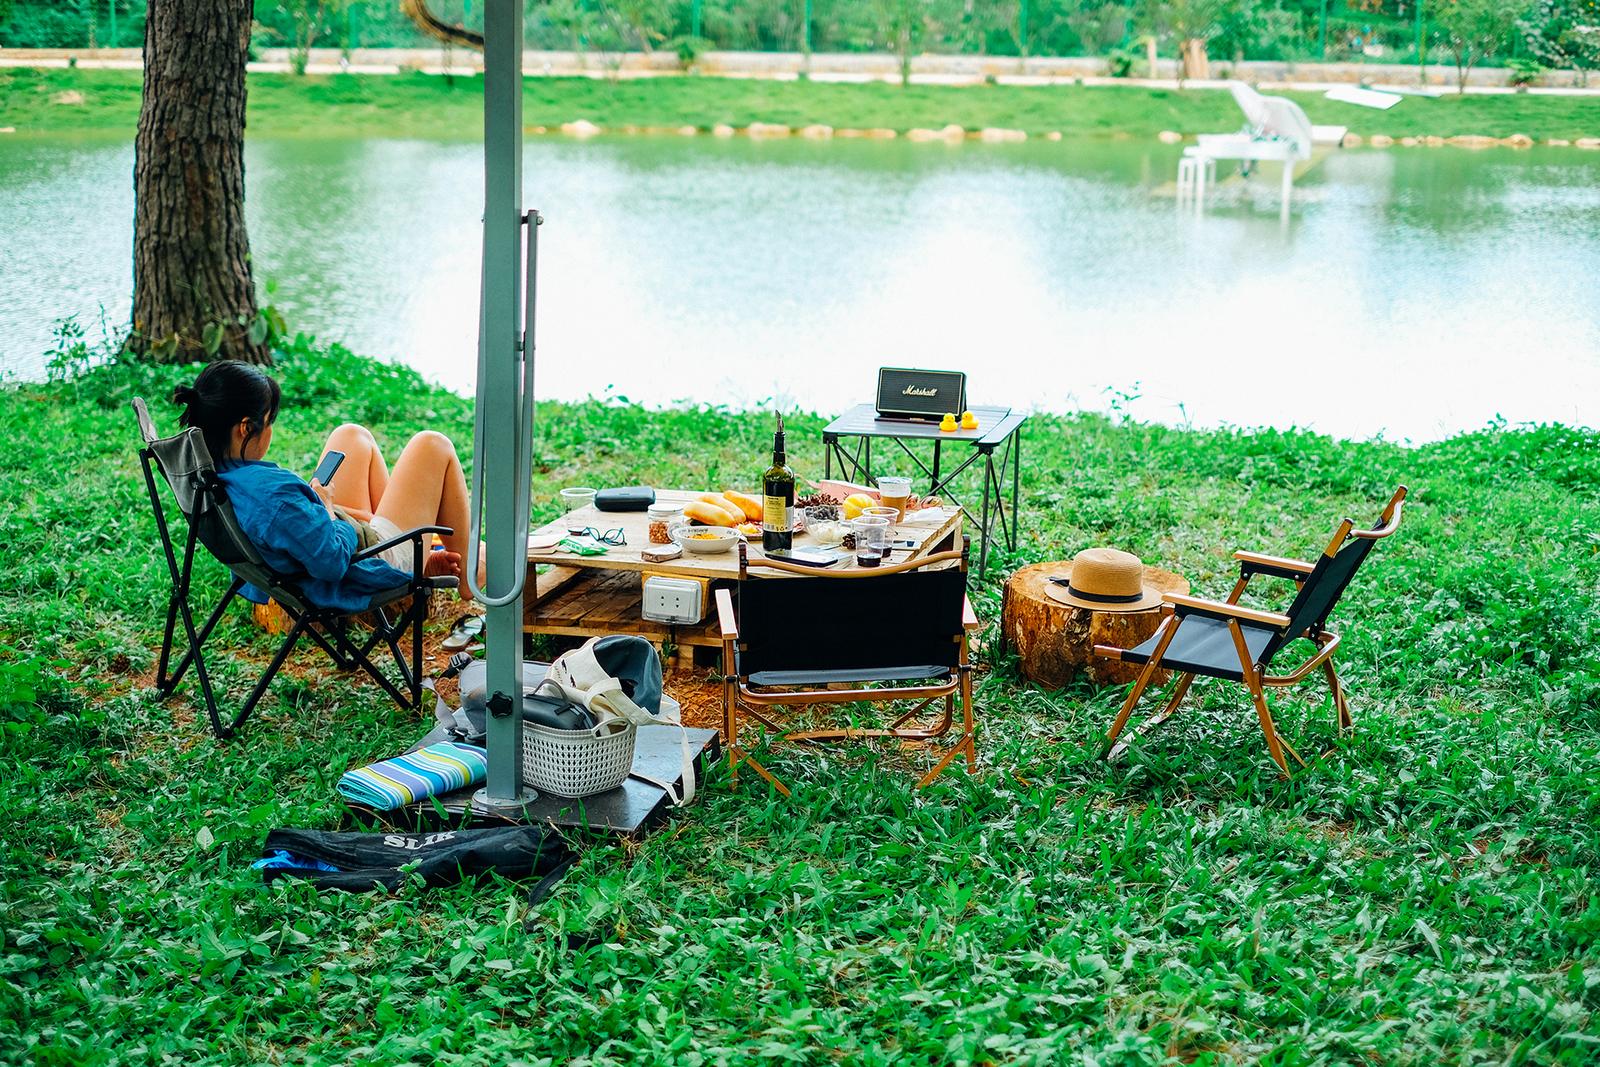 Camping-Rung-Thong-Ban-Ang-5-7631-162565